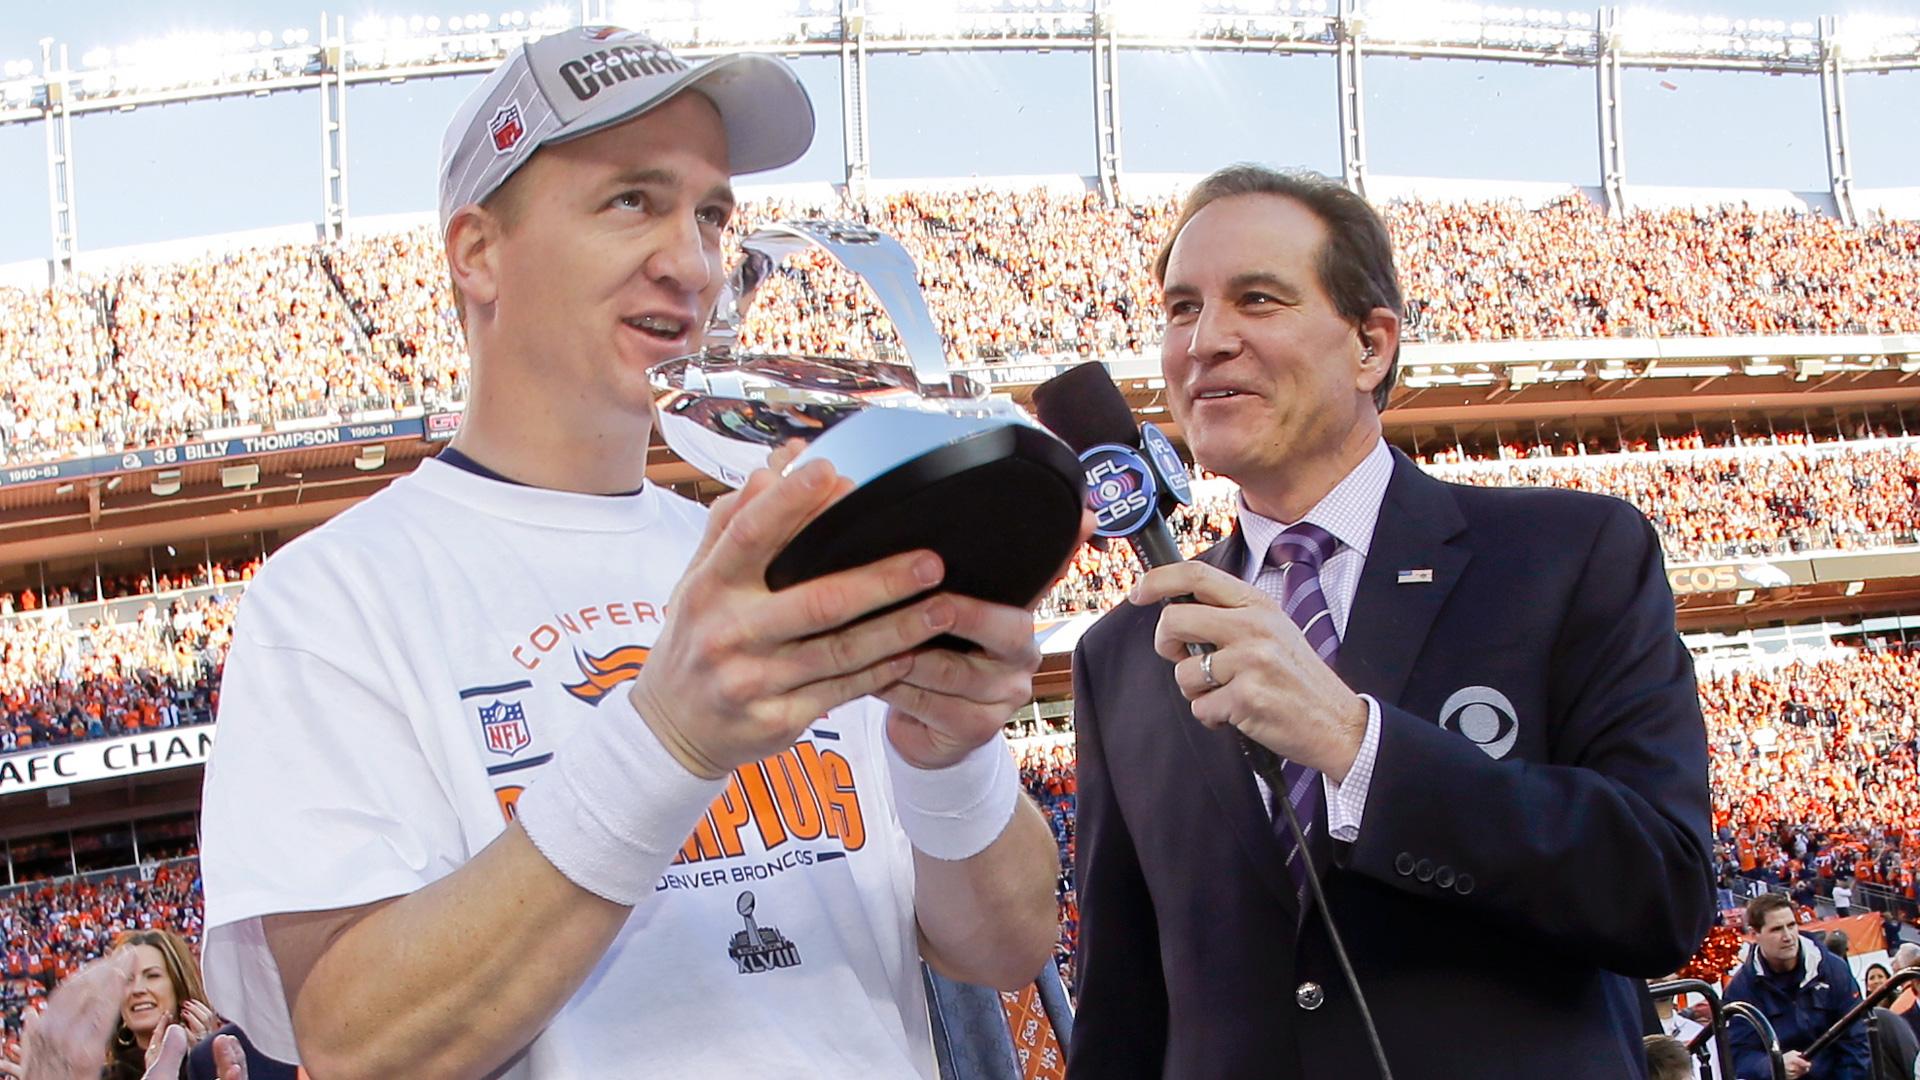 Peyton-Manning-011914-AP-FTR.jpg